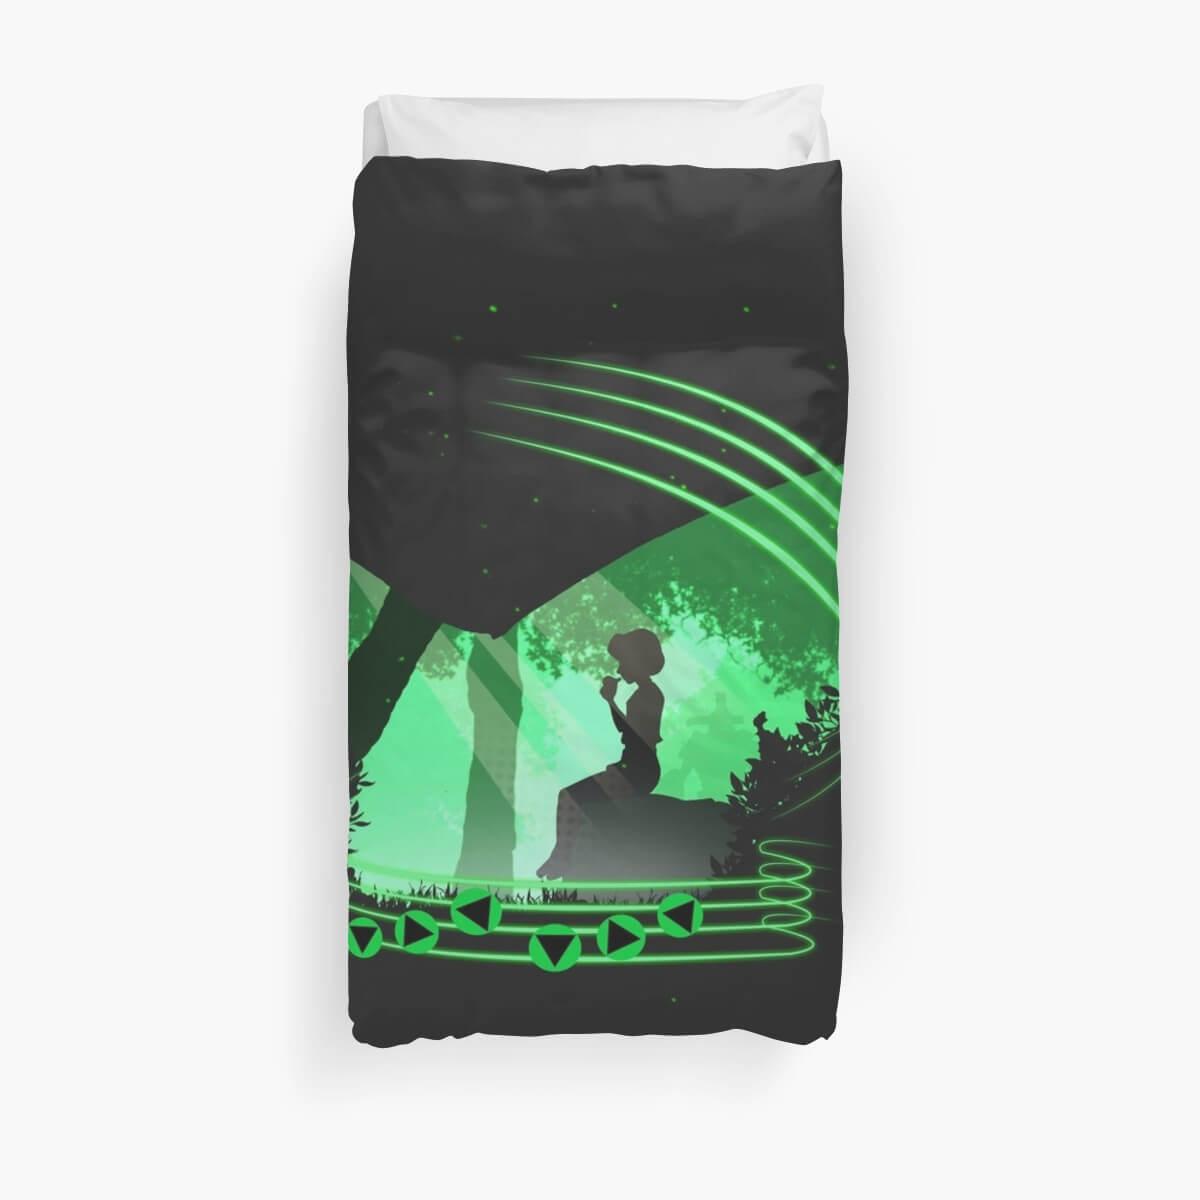 legend of zelda covers set 9 (1)